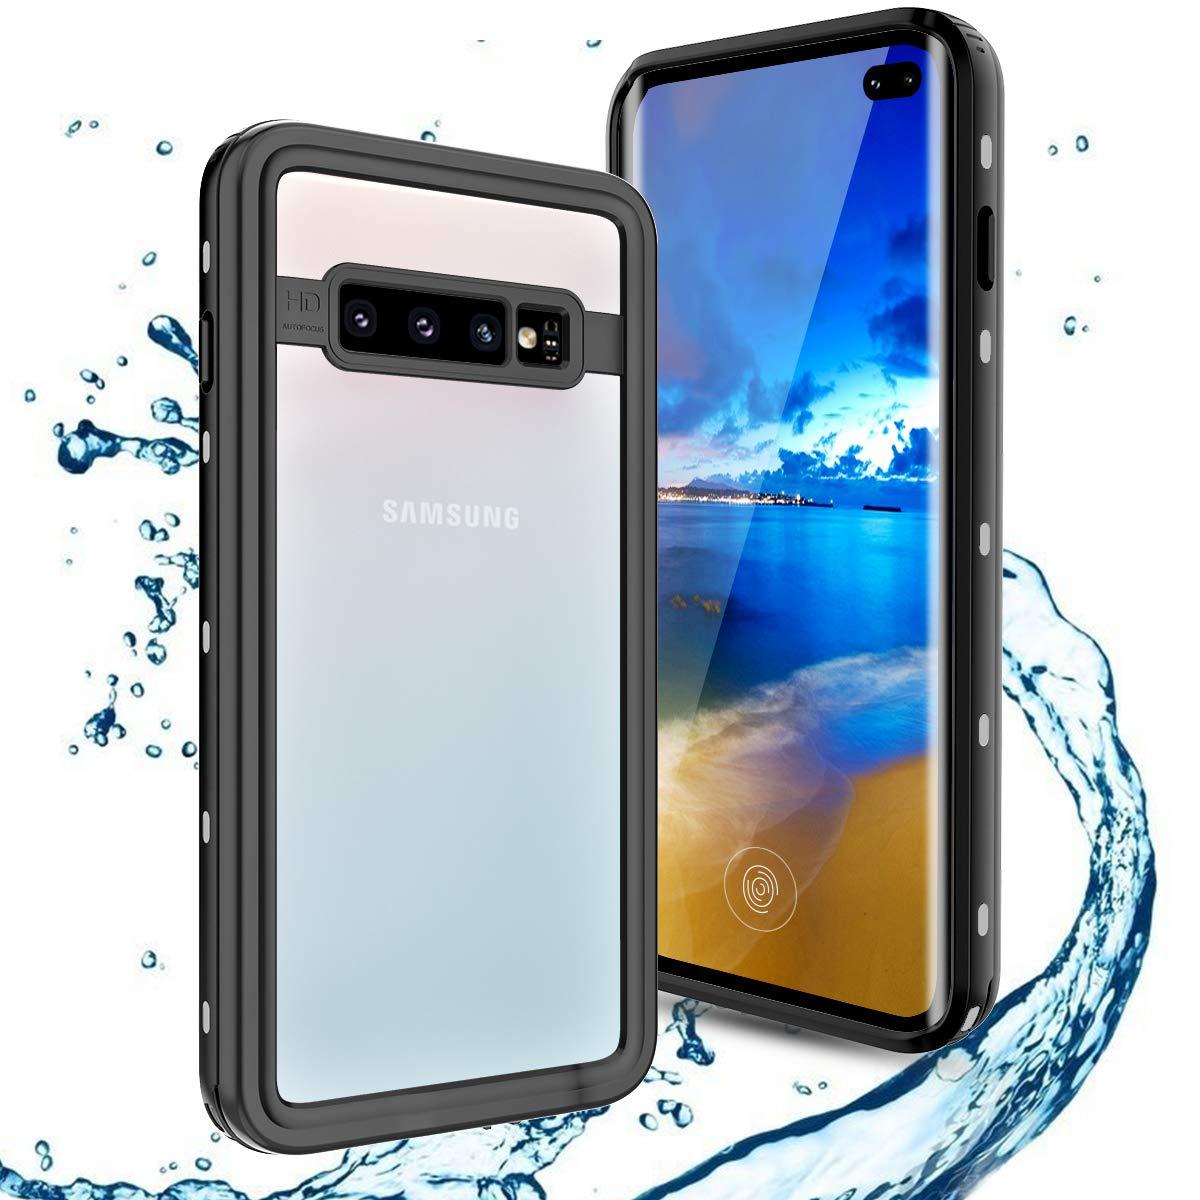 Funda Resistente Al Agua Y Caidas Samsung S10 Plus Willbox